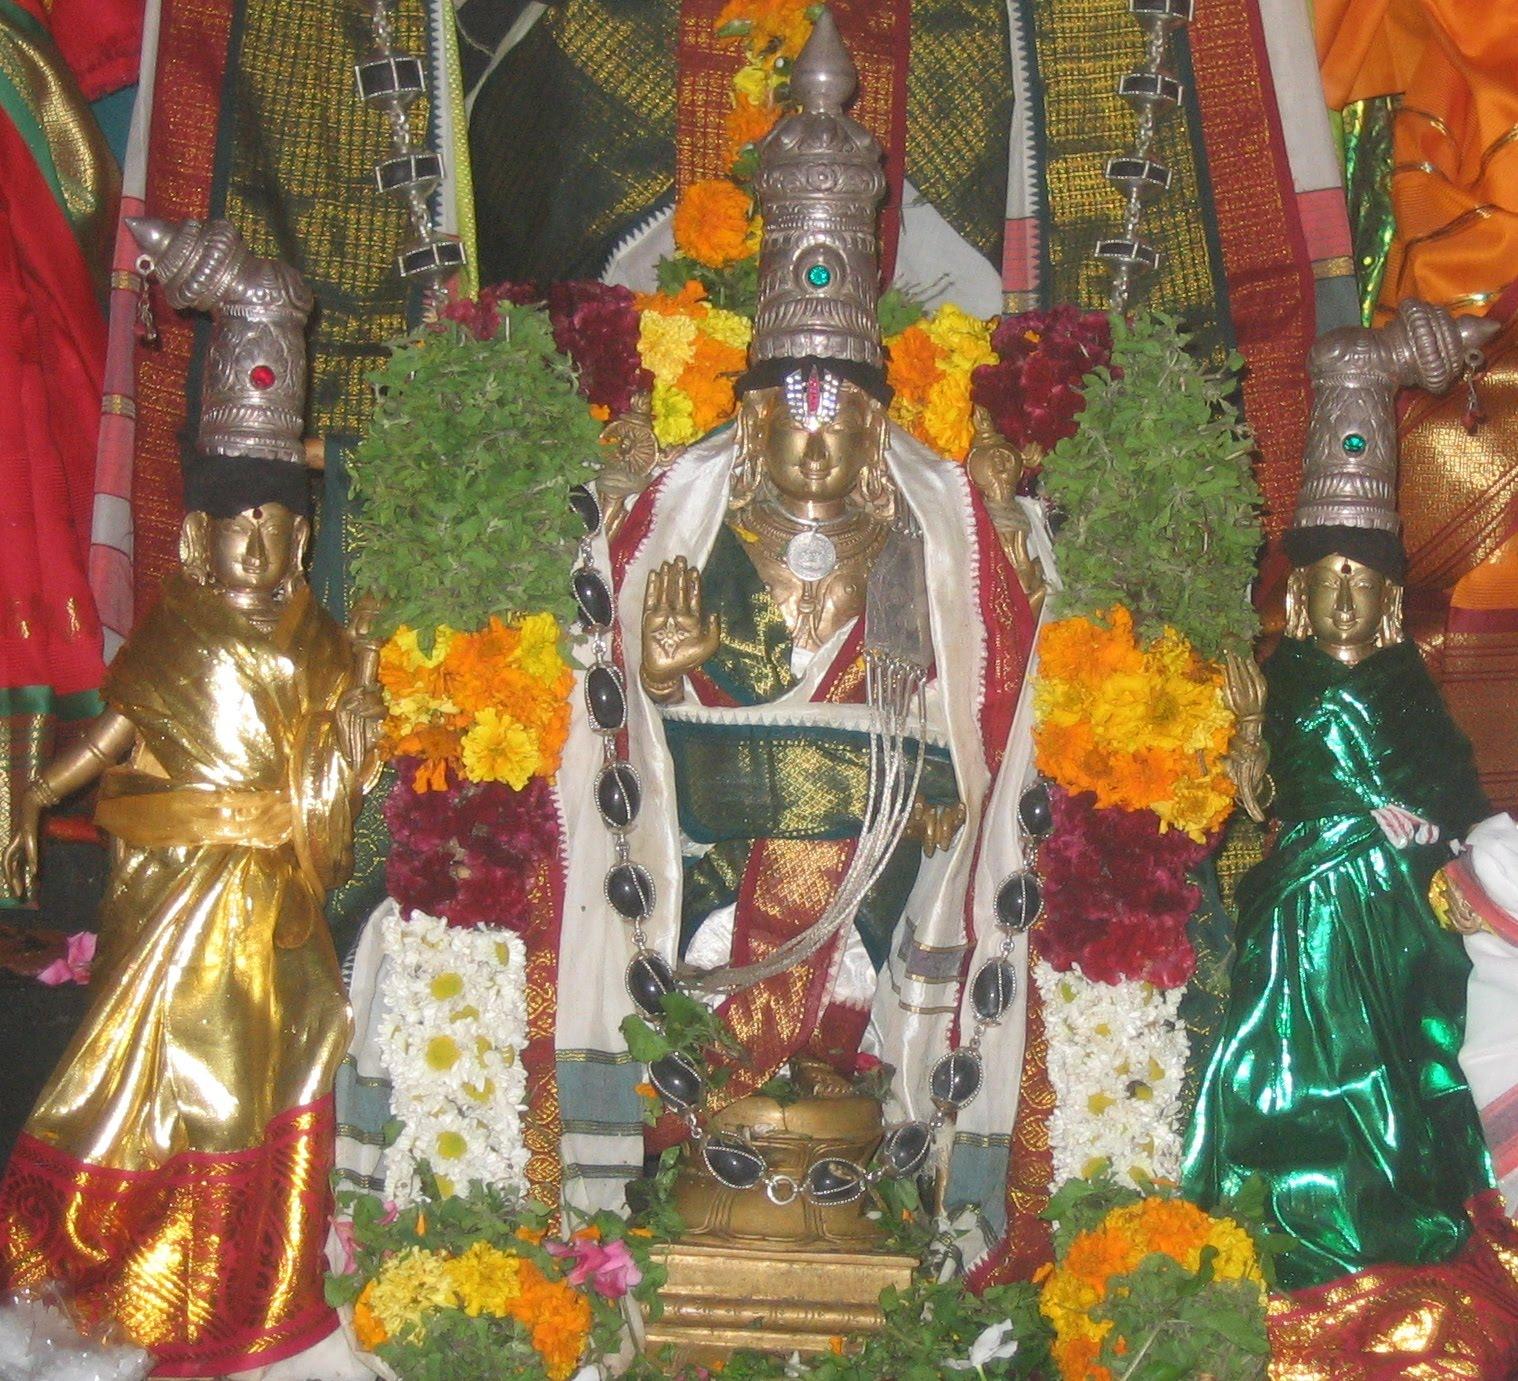 Tamilnadu Tourism: Varadaraja Perumal Temple, Keezha